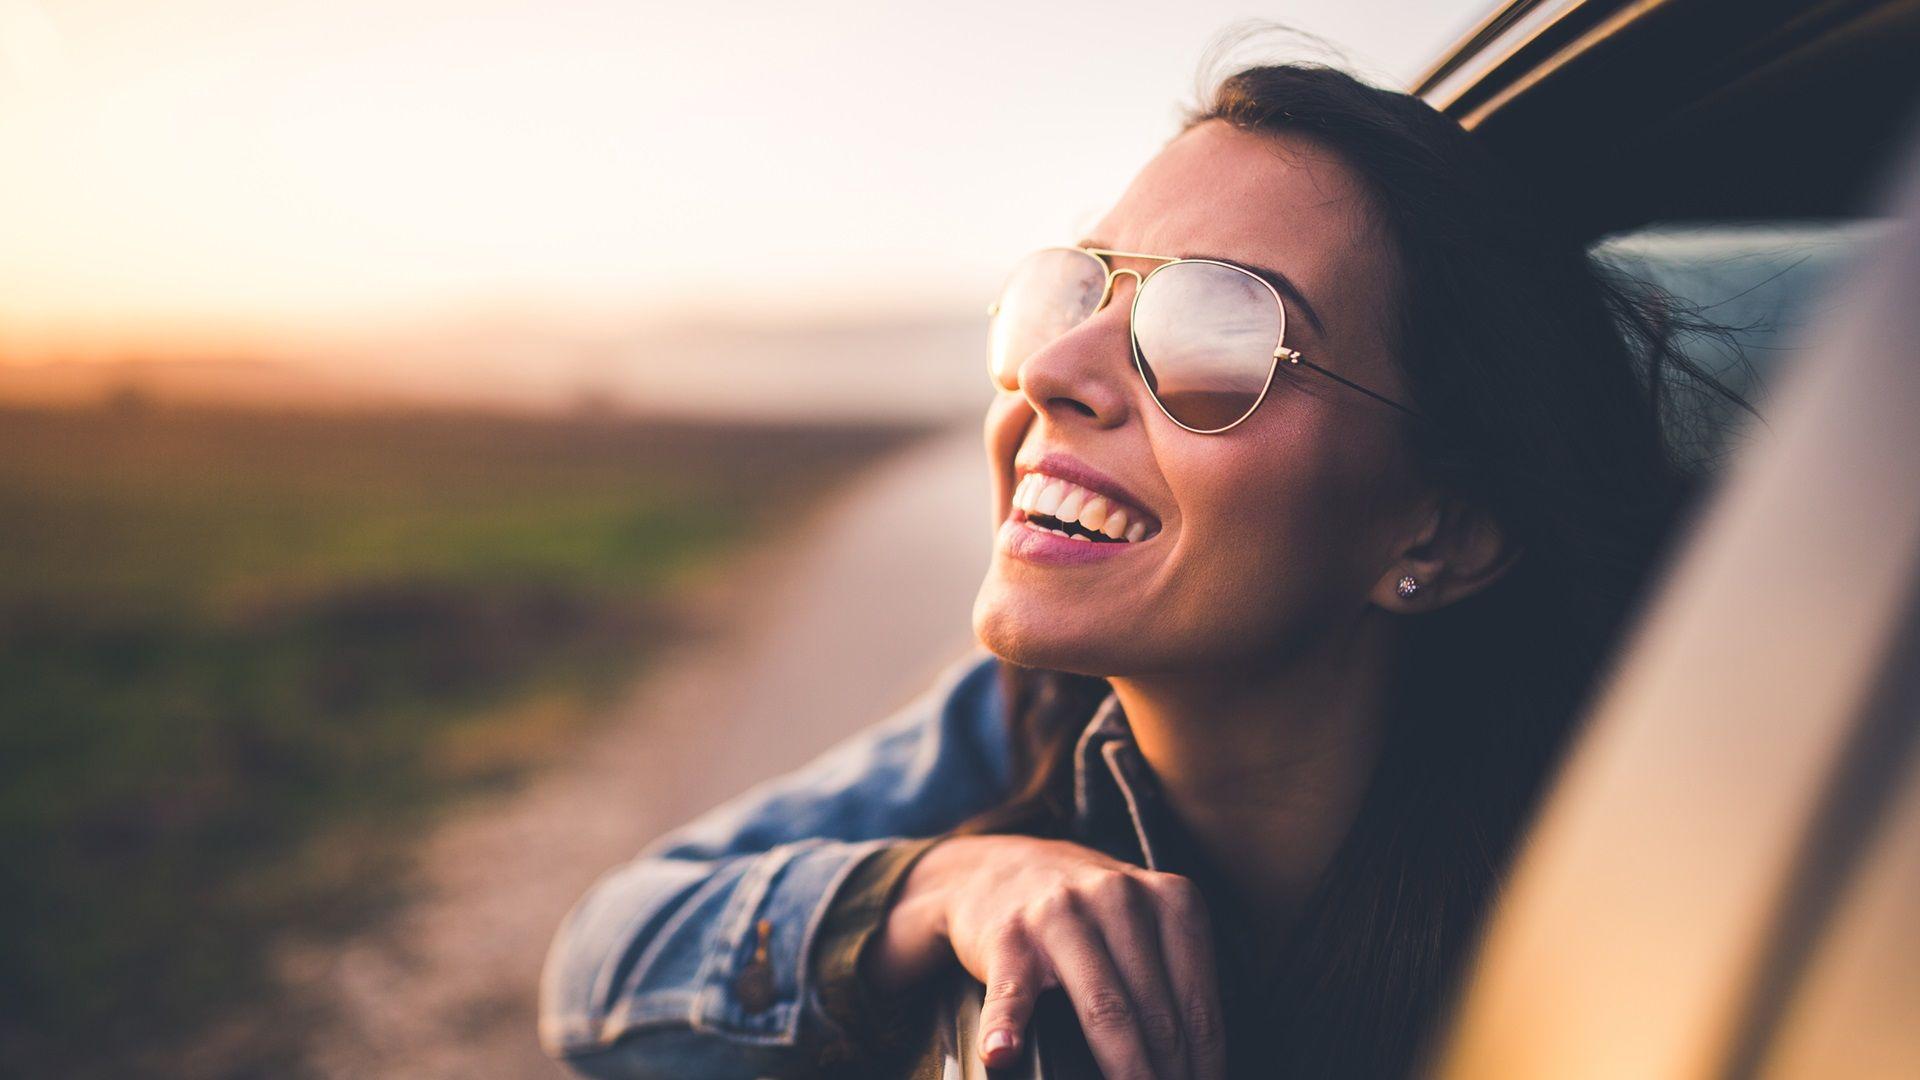 Frau mit Sonnenbrille lächelt in die Kamera